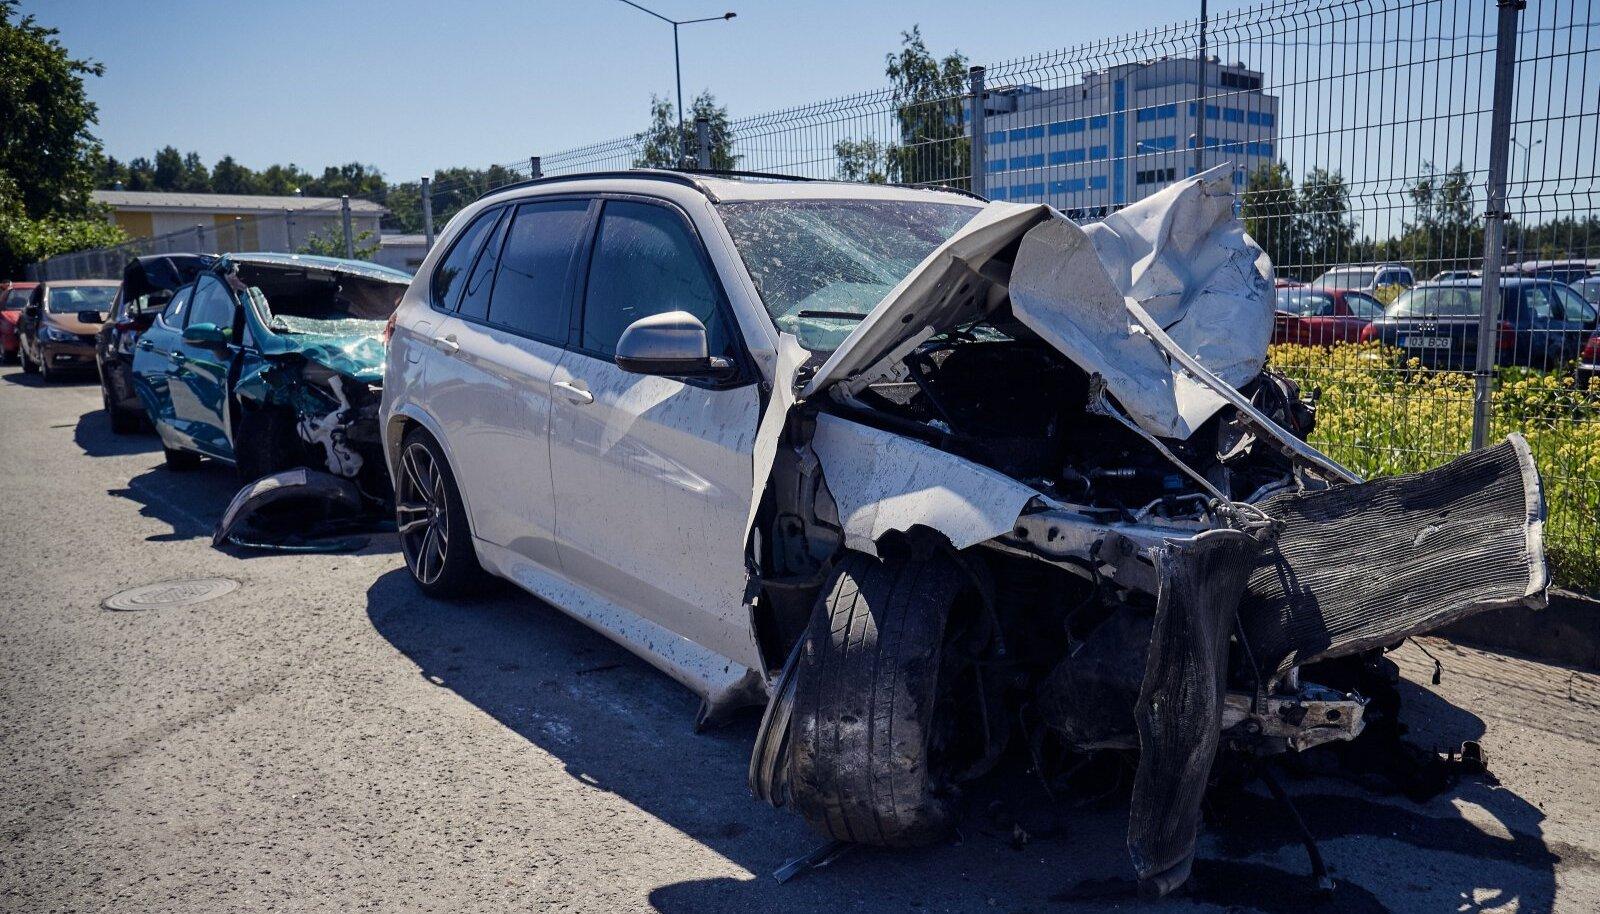 BMW, millega sõitnud juht kaks inimelu nõudnud õnnetuse põhjustas, sai vähem kannatada kui teised avariis osalenud sõidukid.